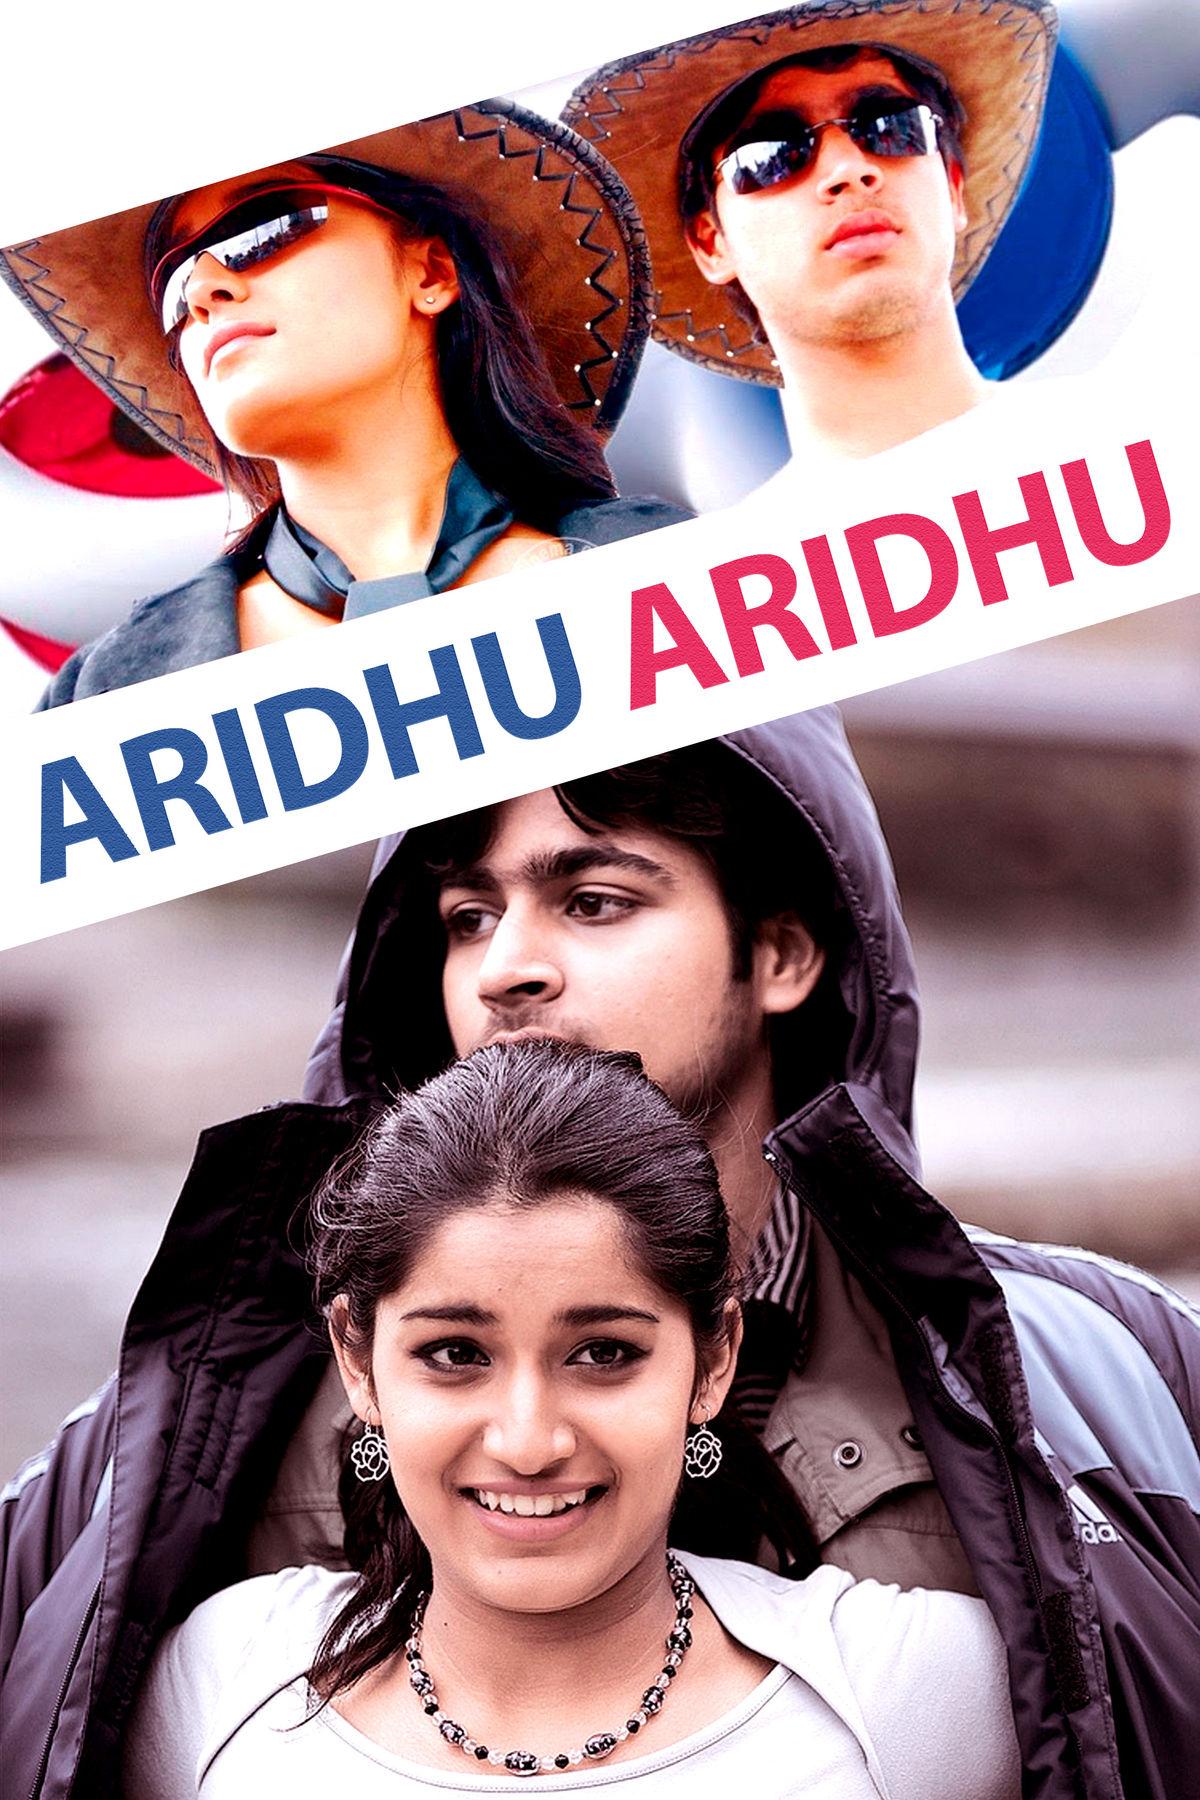 Aridhu Aridhu